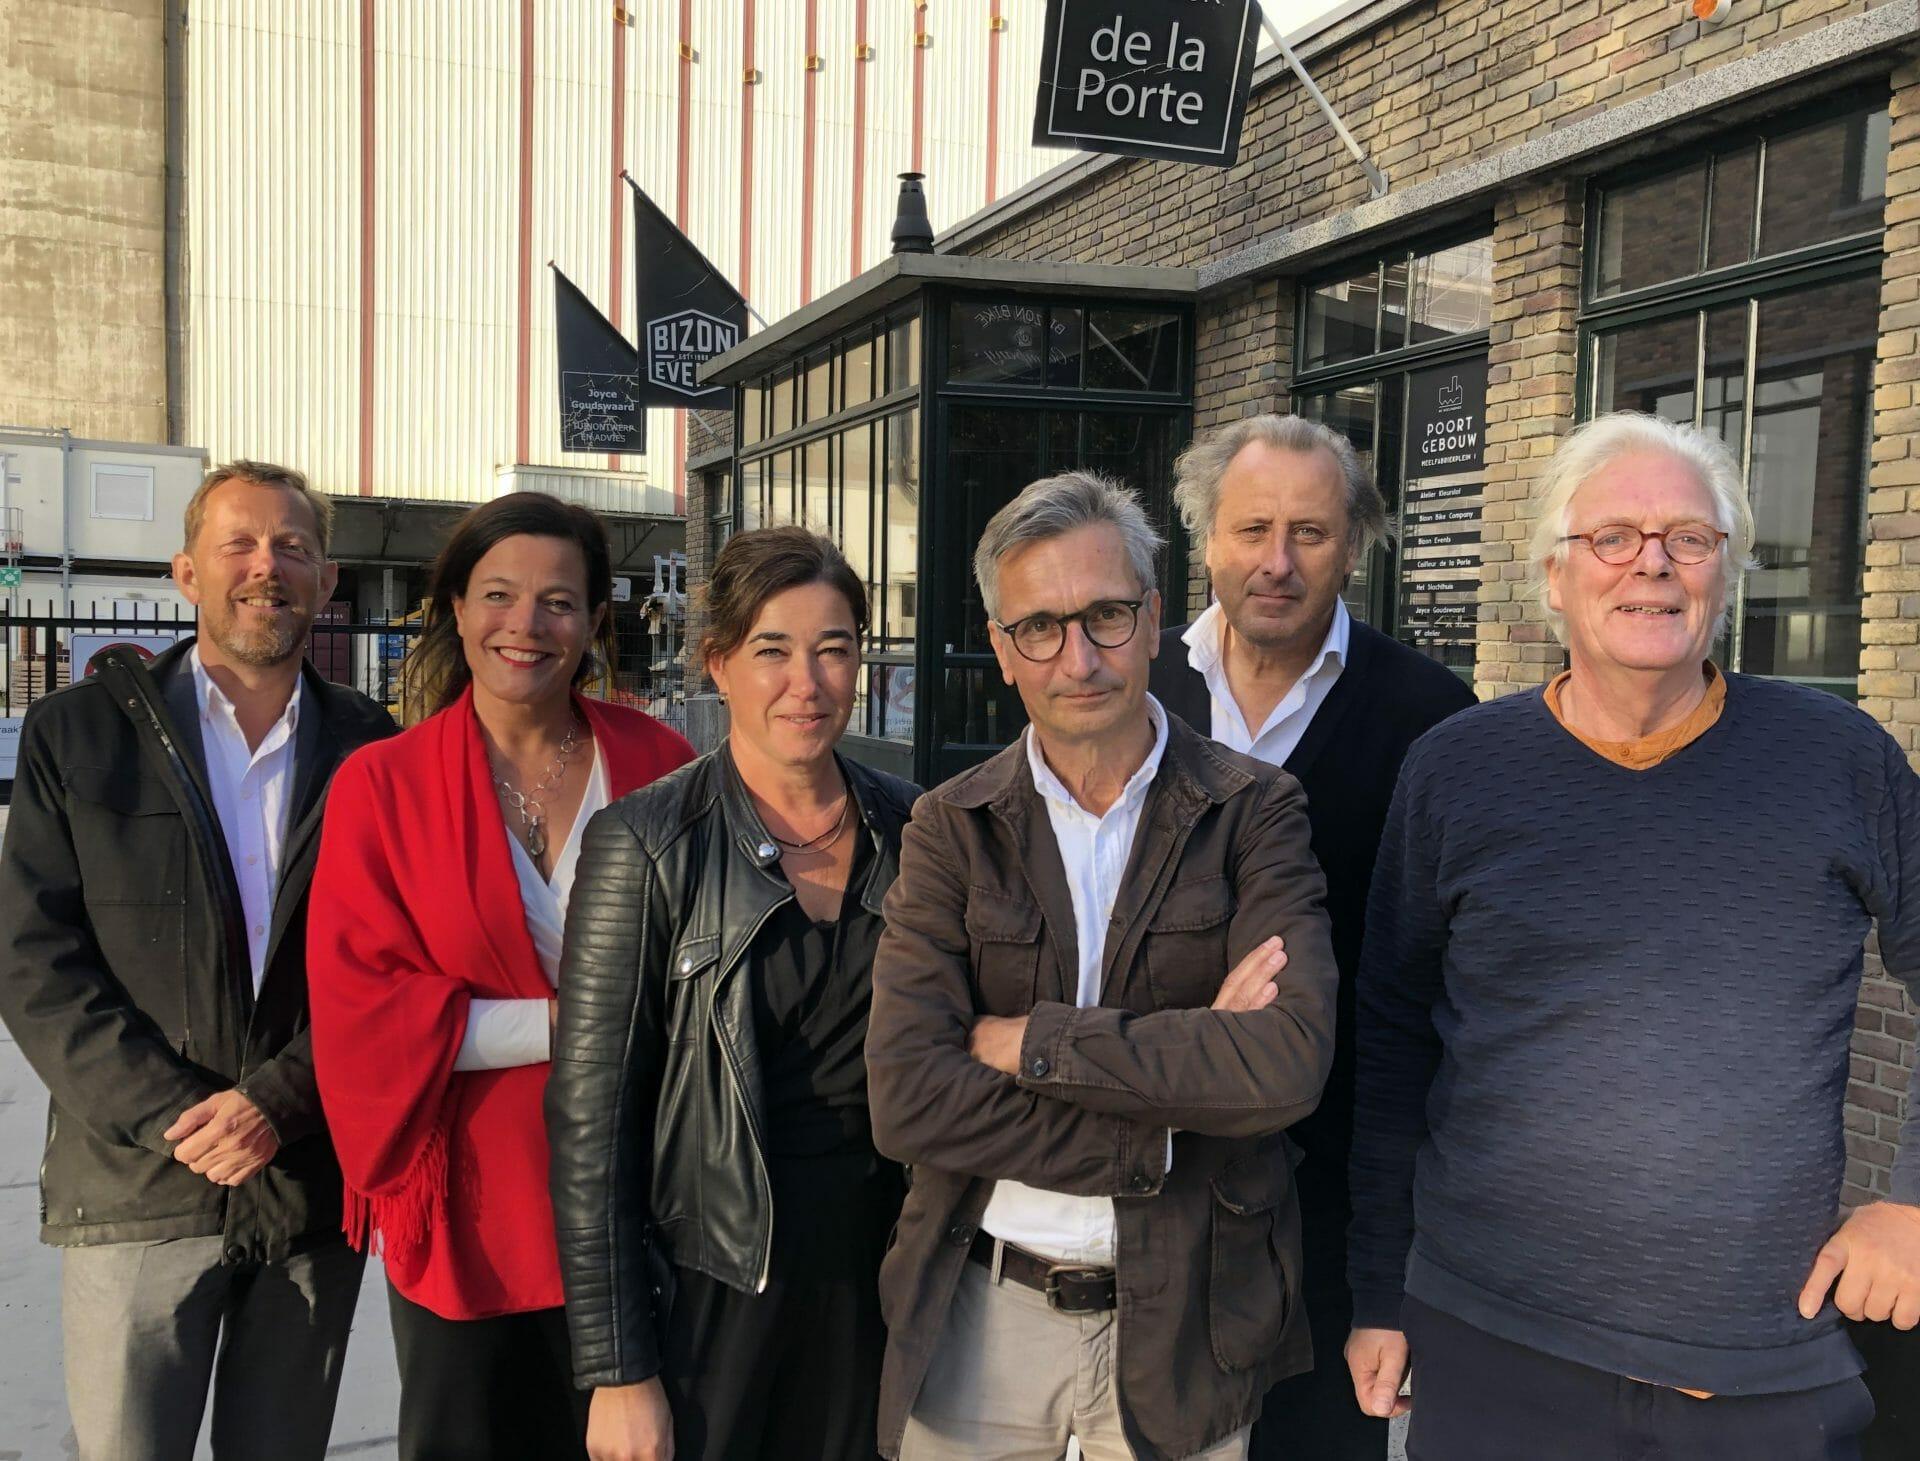 Ontmoet de jury van de Architectuur Prijs